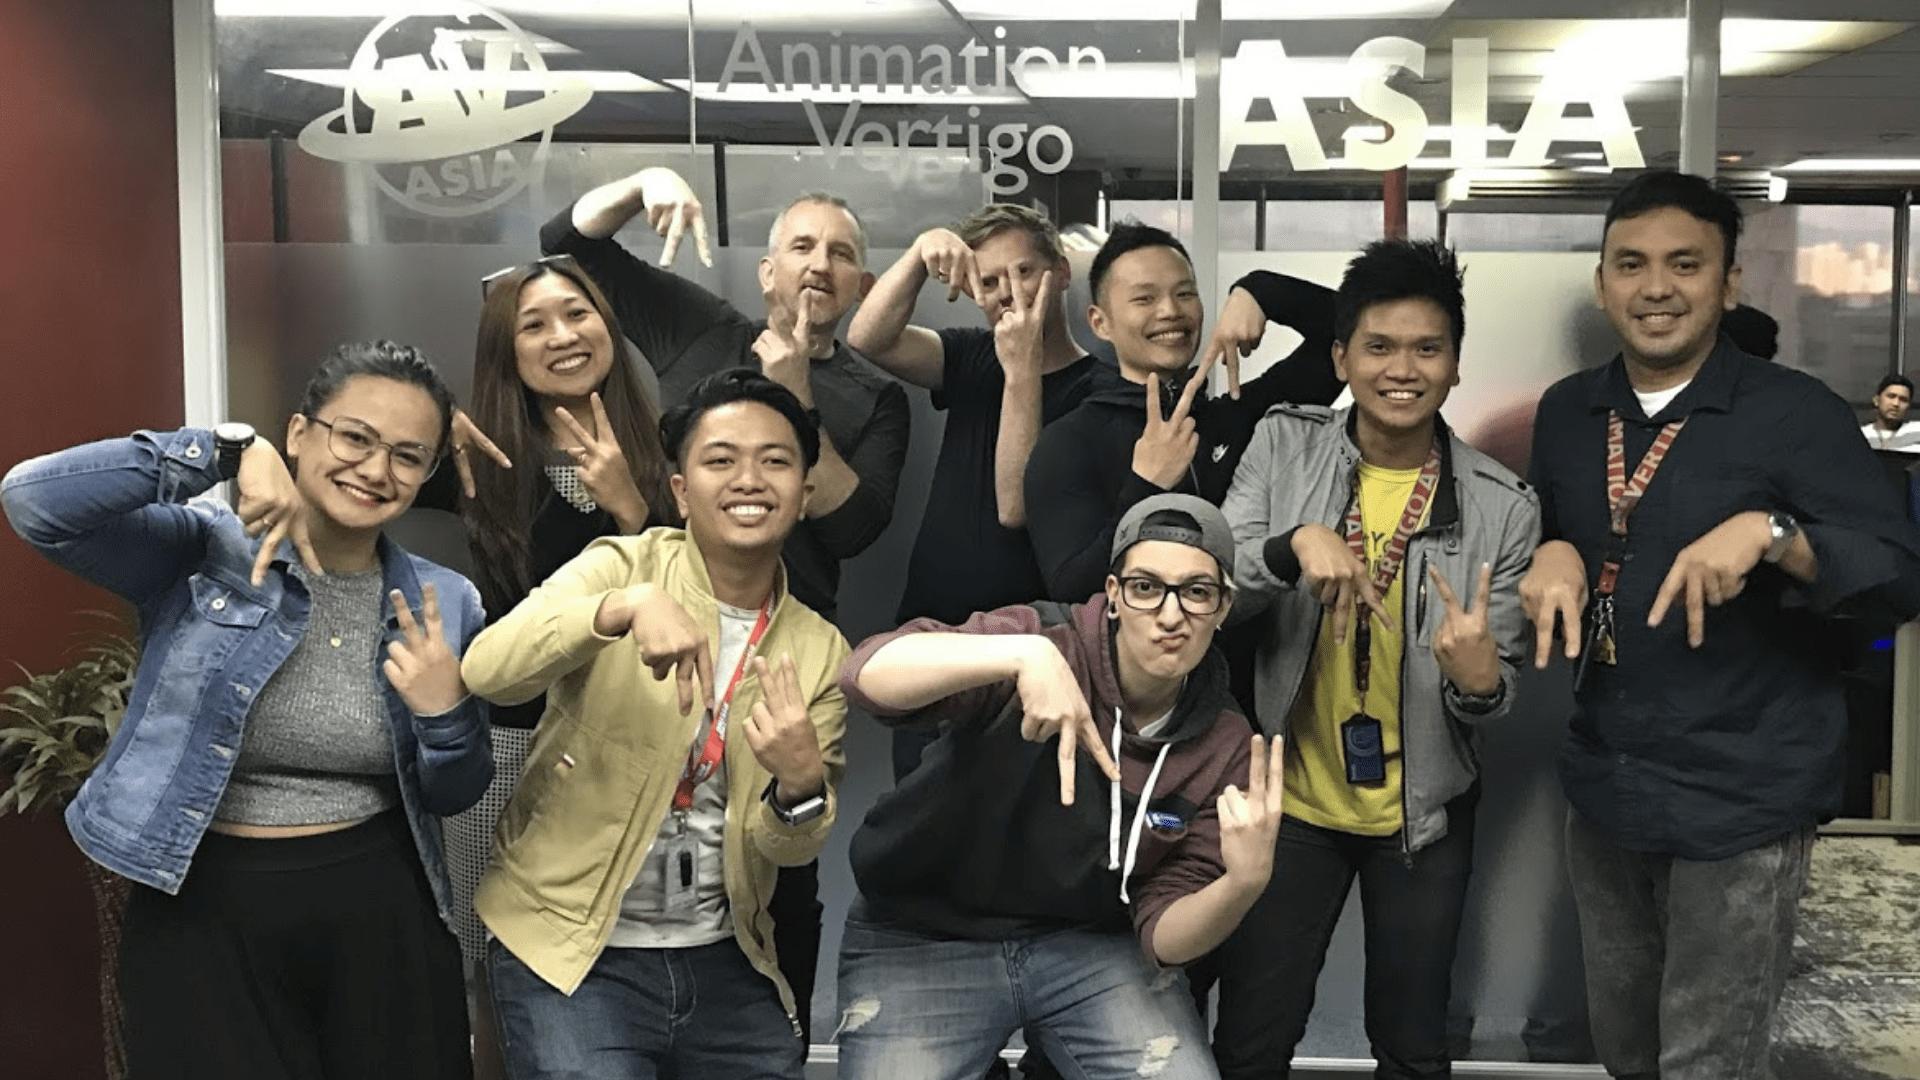 Animation Vertigo Asia, Inc.